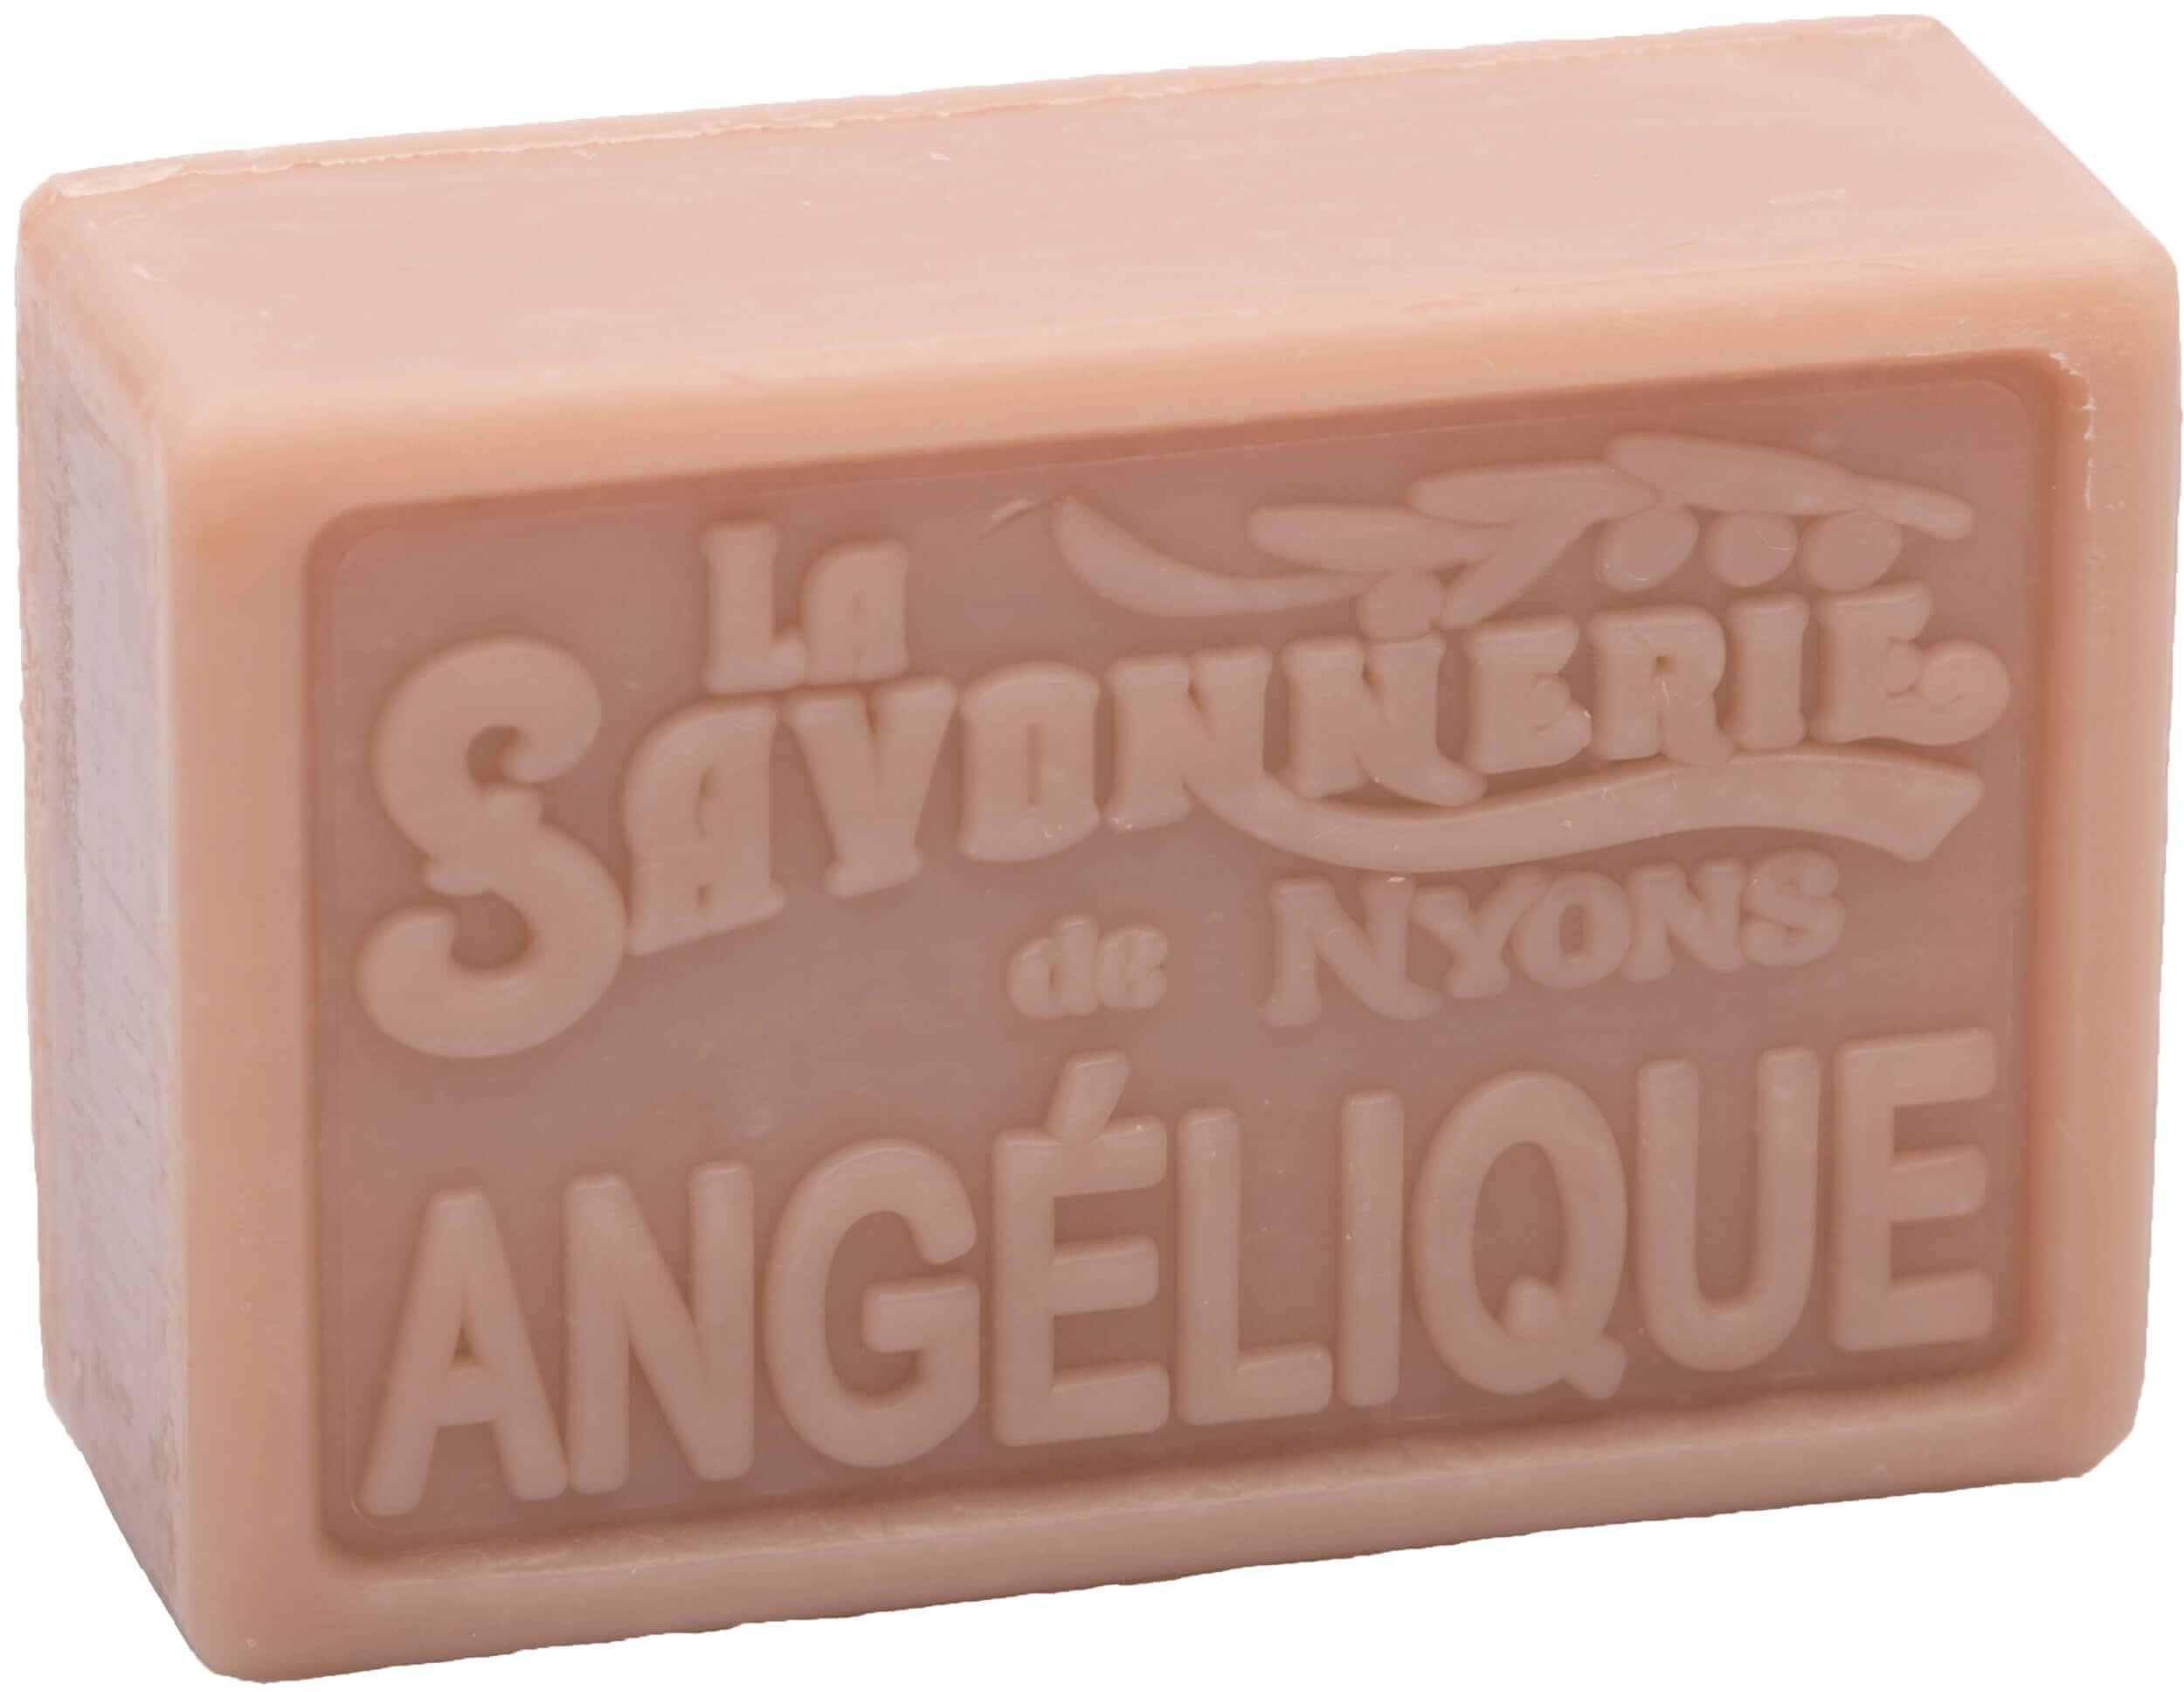 Seifen 100g - Angélique